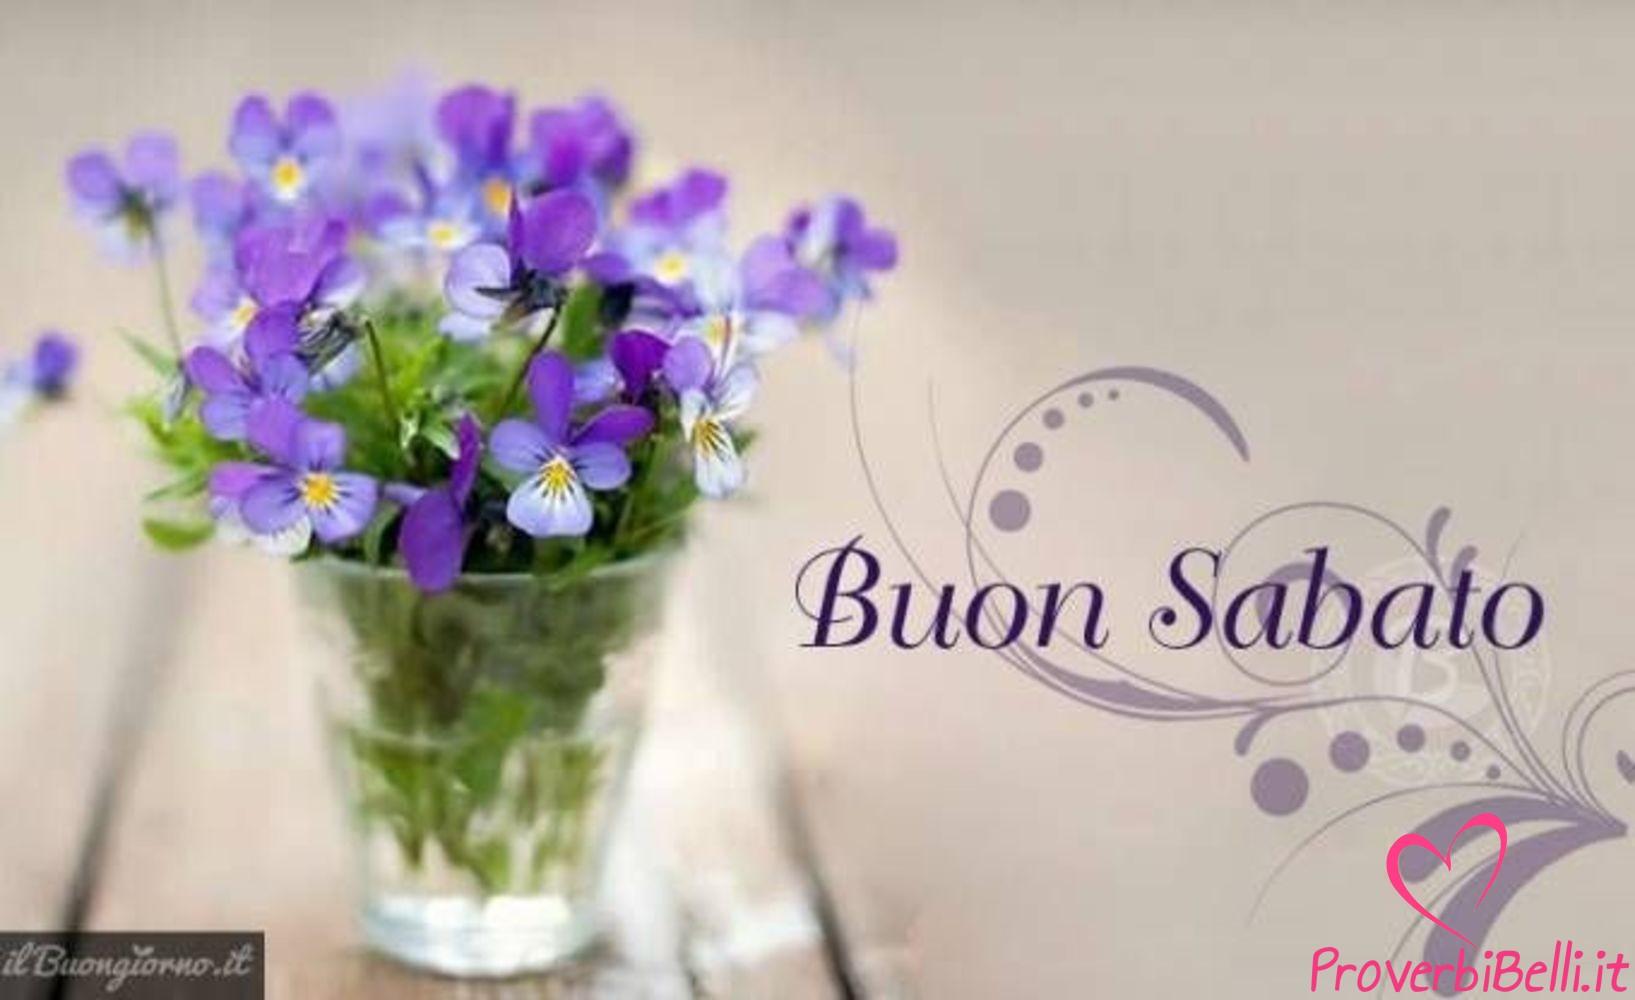 Belle-Immagini-Buongiorno-Sabato-Facebook-Whatsapp-219